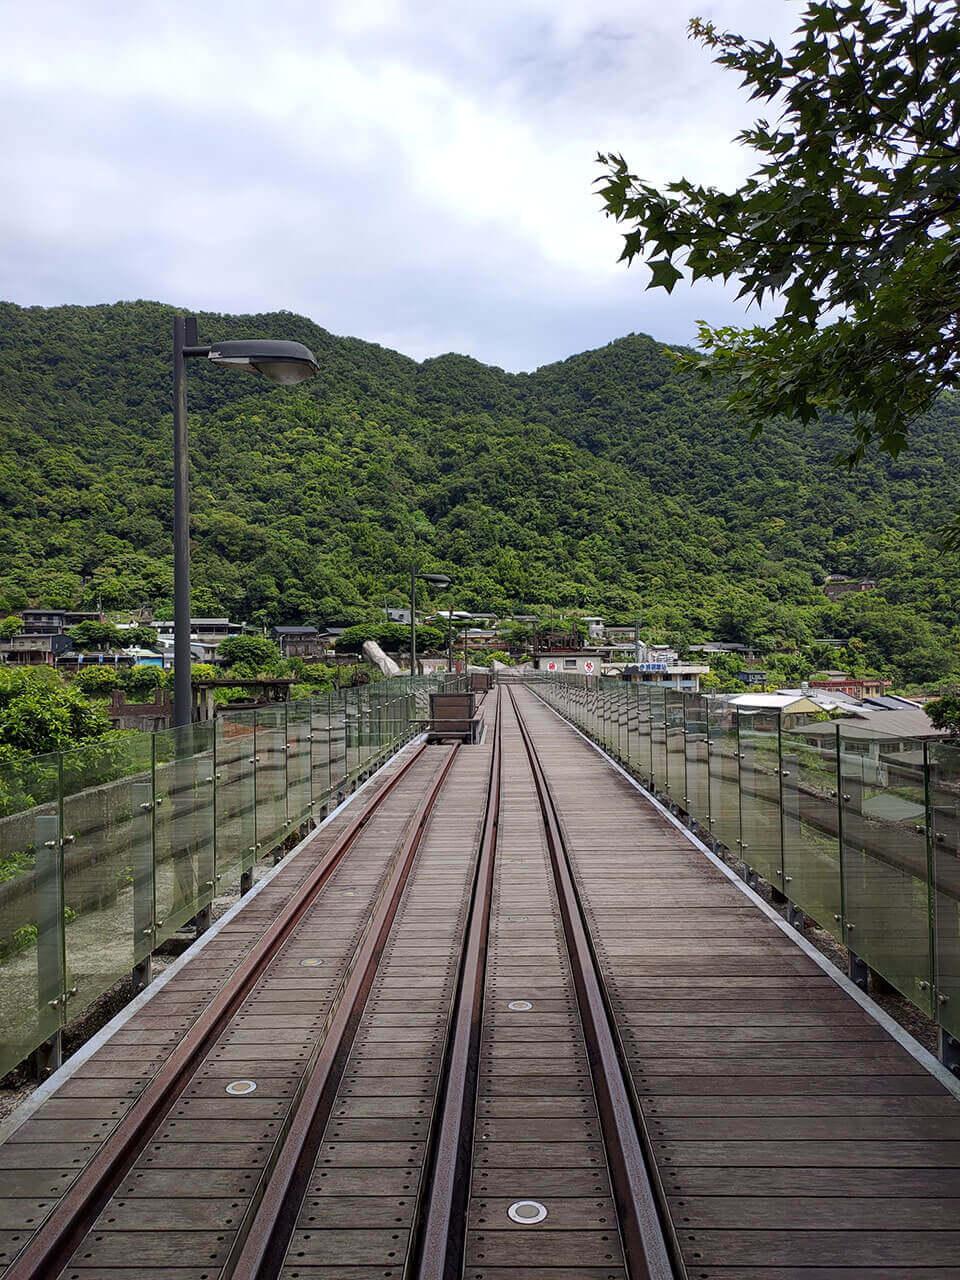 平溪一日遊:運煤橋上的軌道